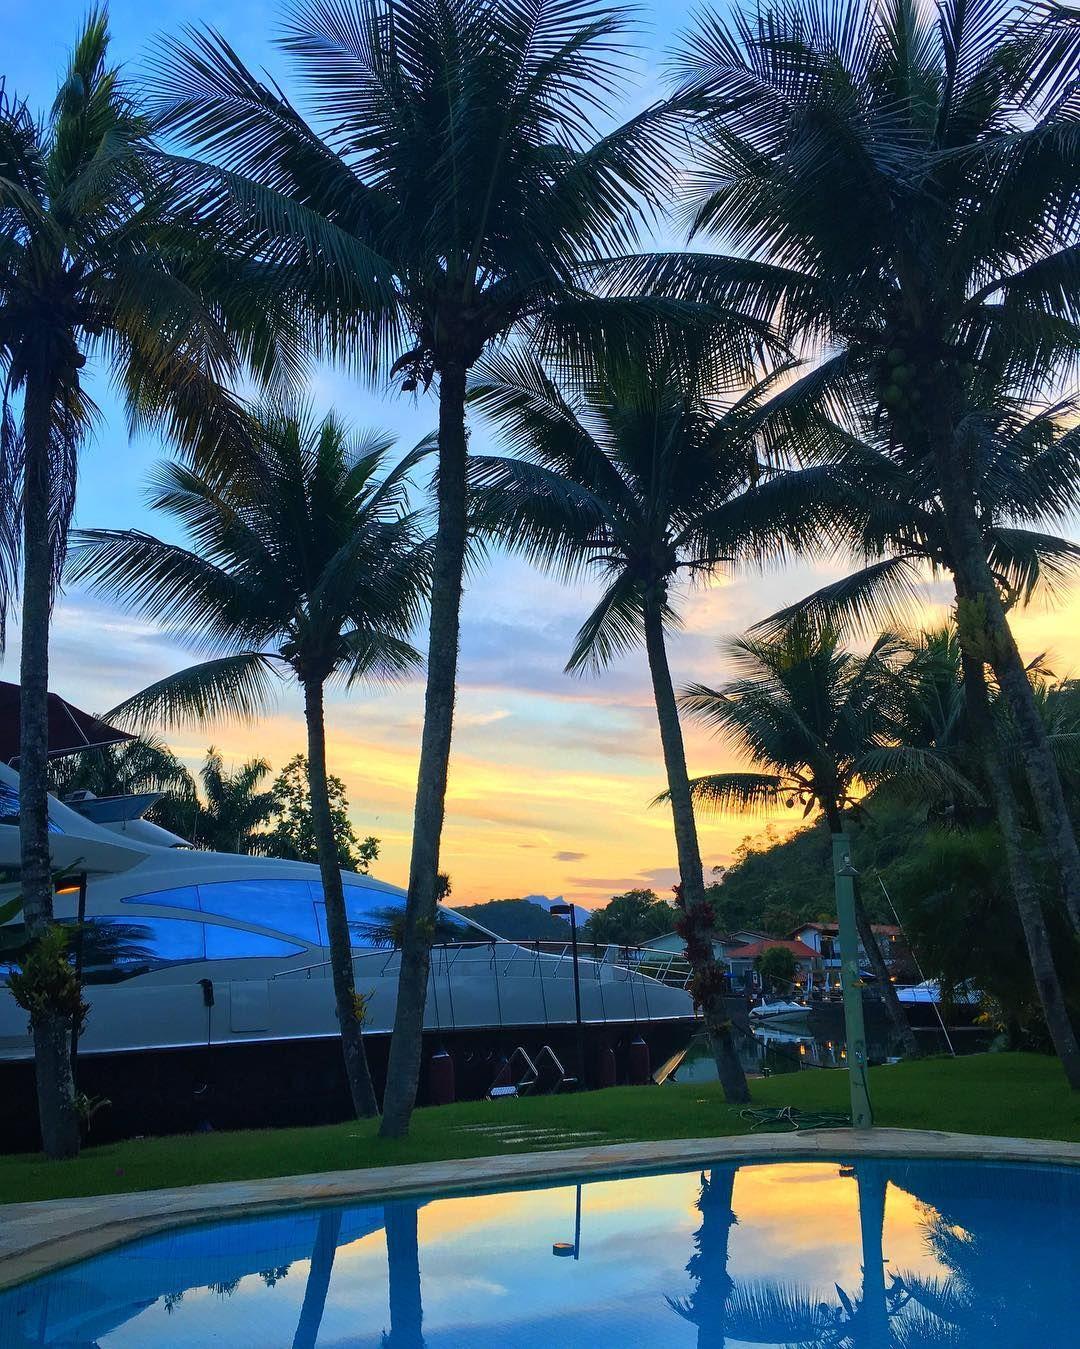 Que delícia que é dormir e acordar cedo! 🌅🙏🏼 Bom dia! #projetocarolbuffara #Sunrise #healthyliving